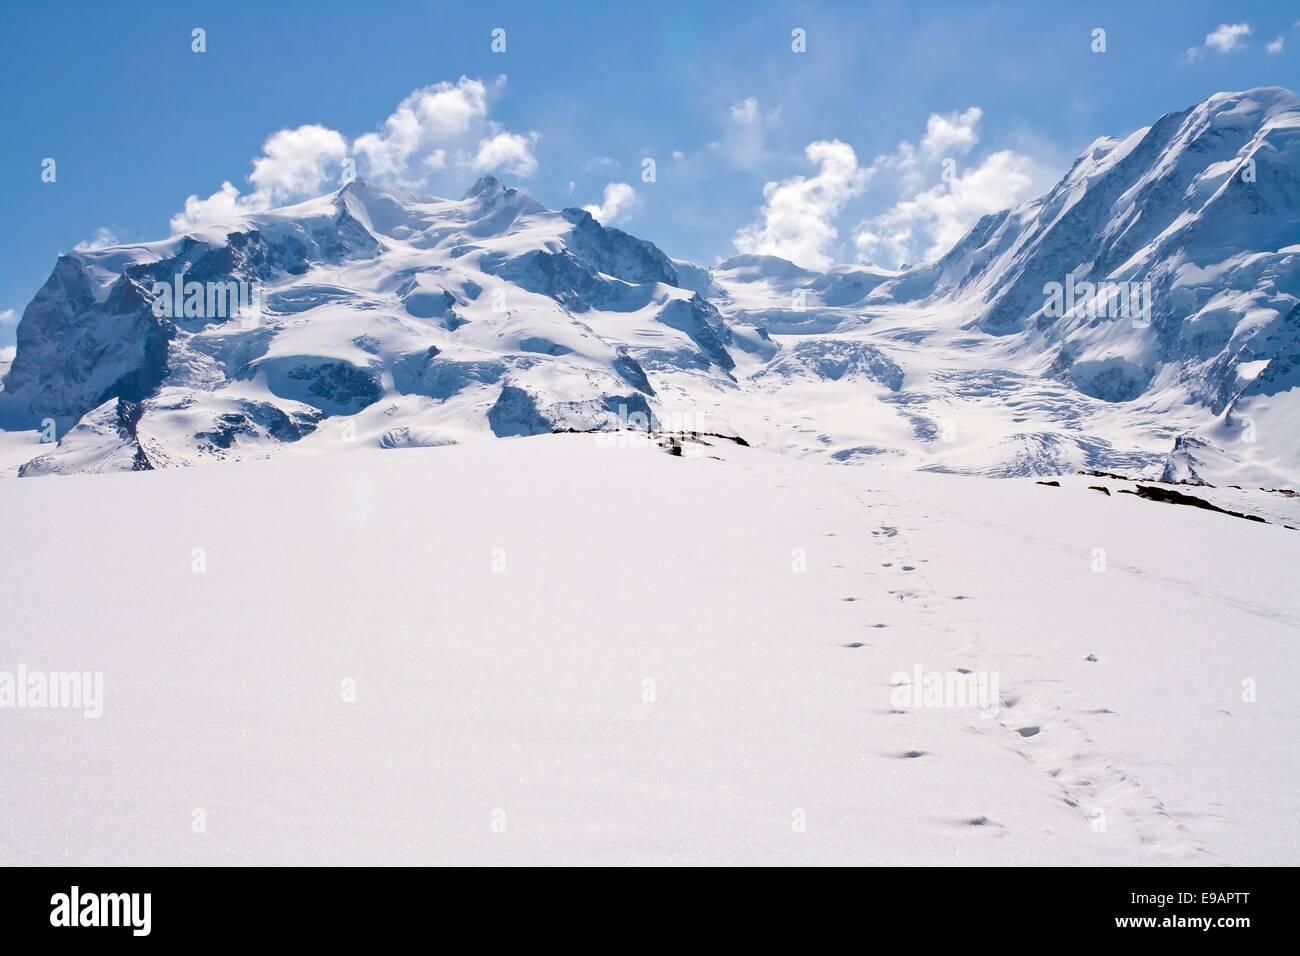 Snow Mountain Range - Stock Image